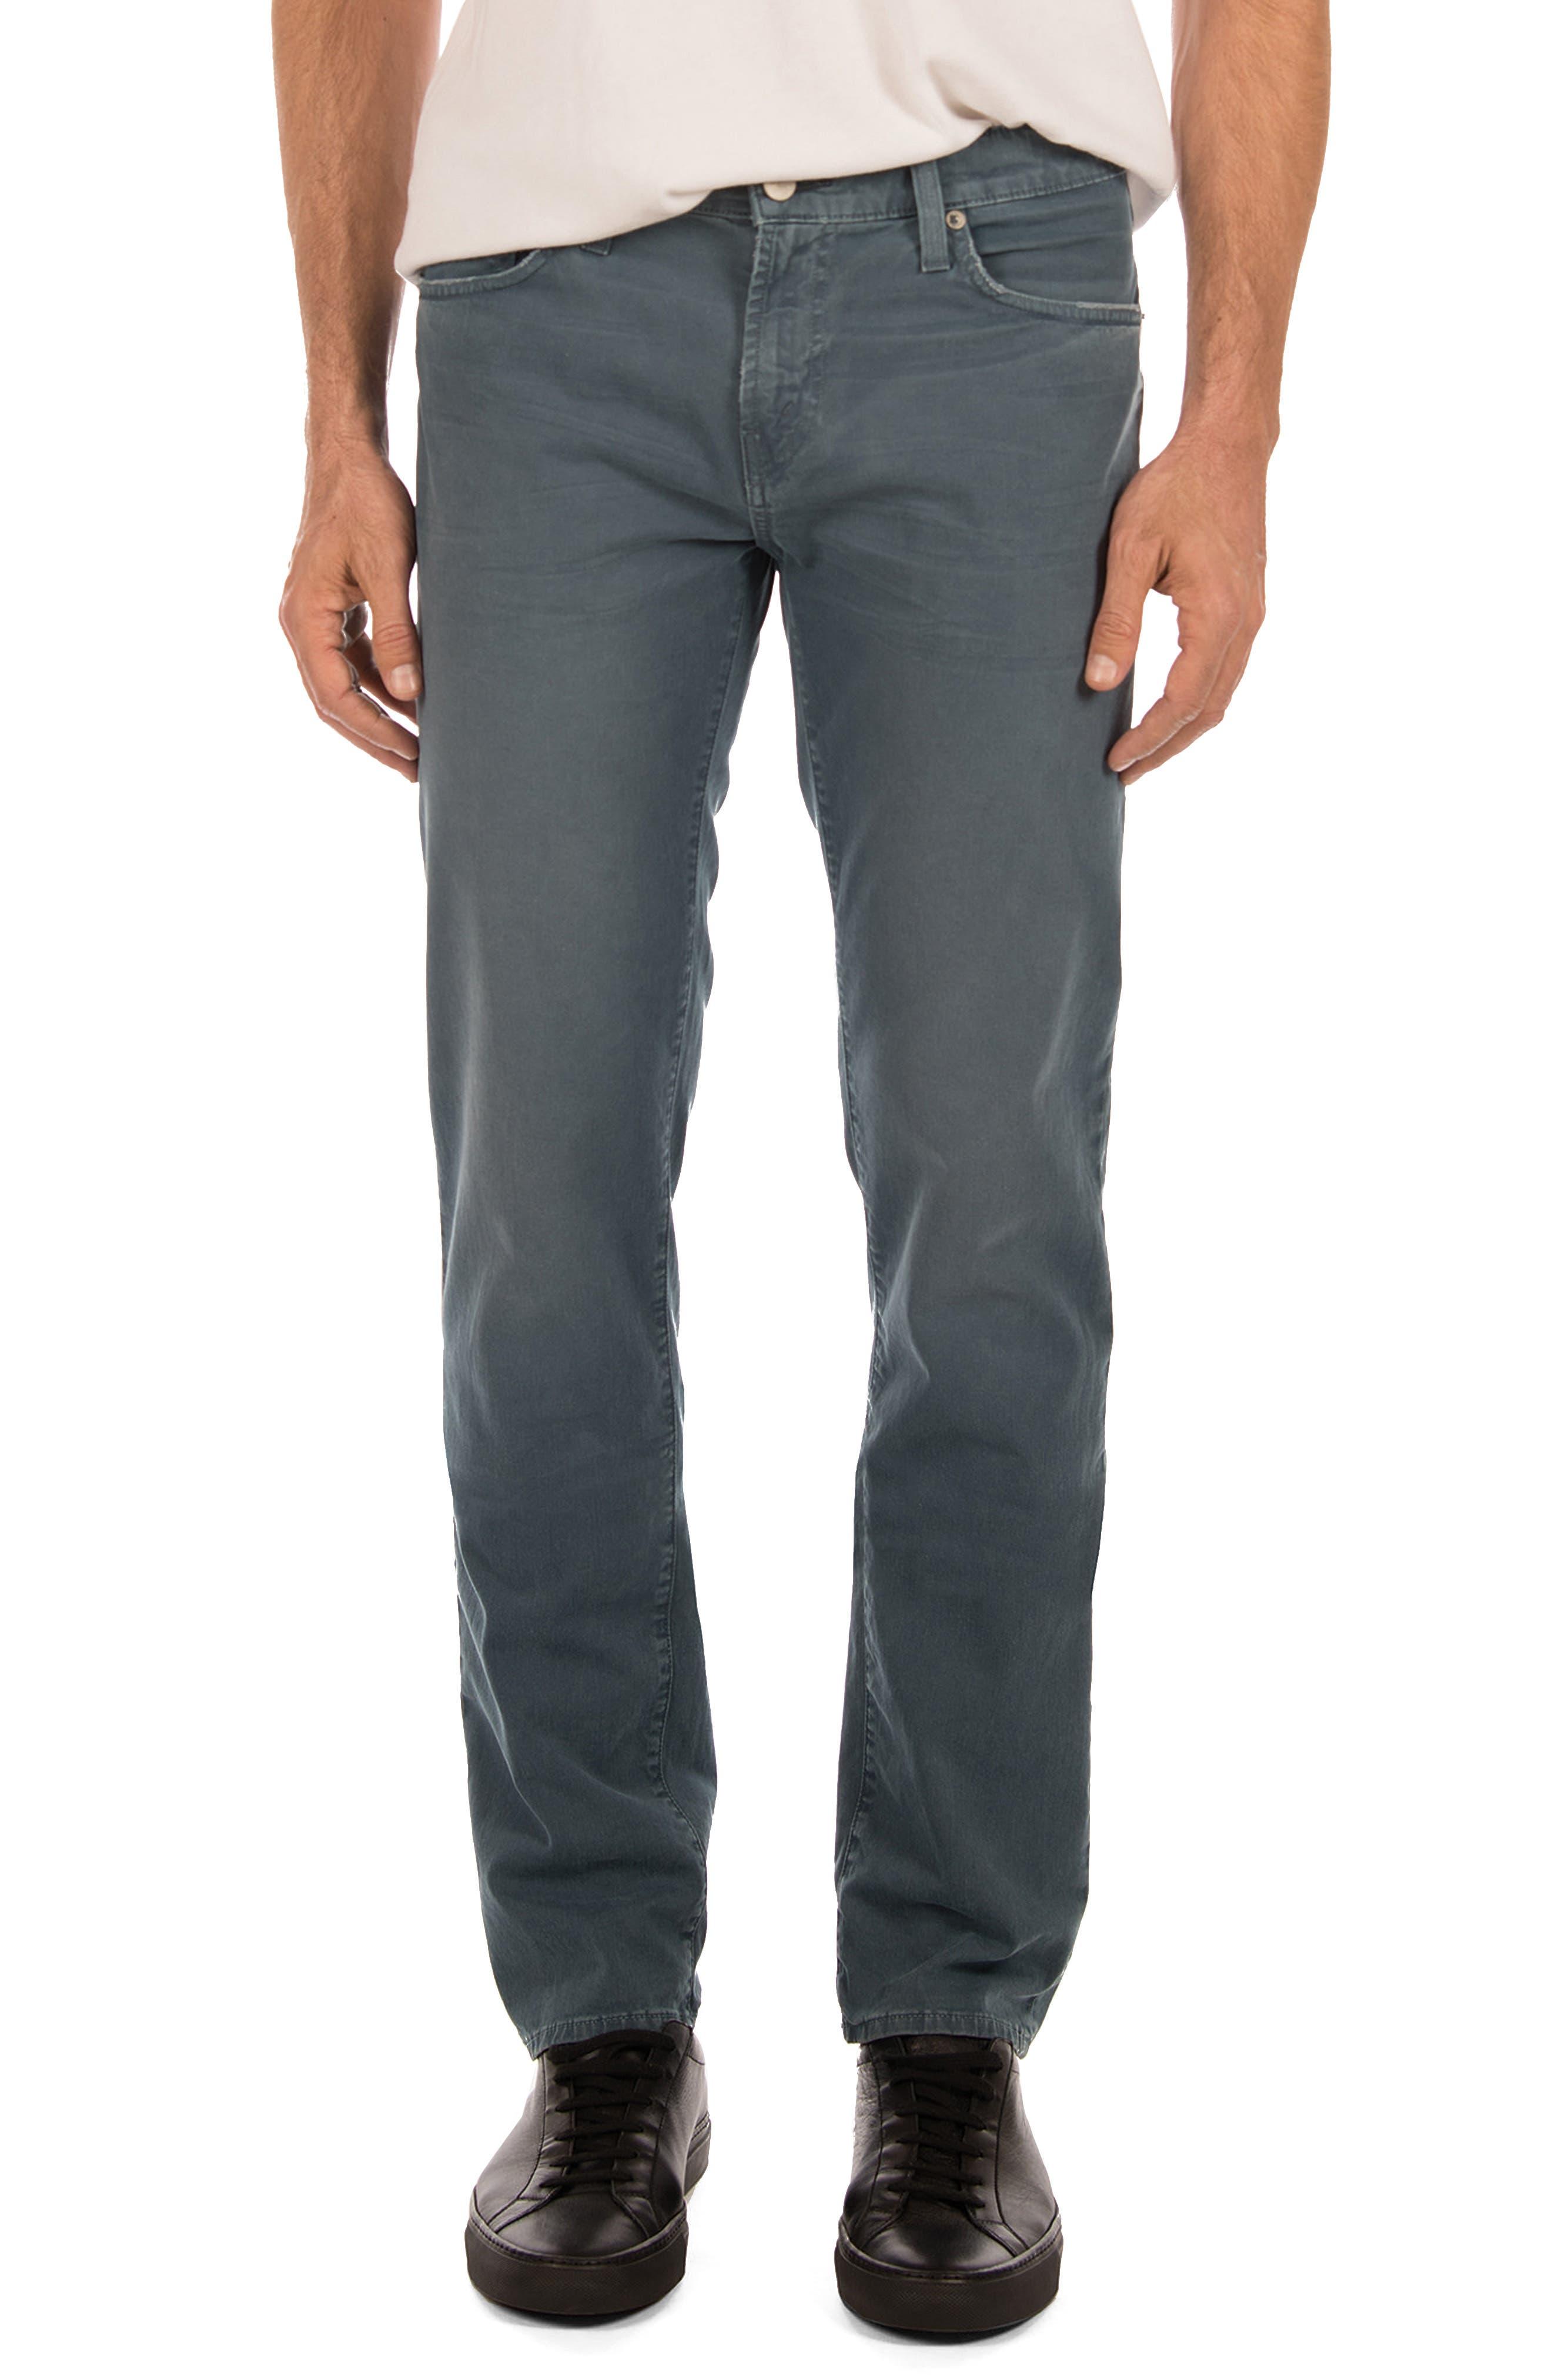 Tyler Slim Fit Jeans,                         Main,                         color, Thrashed Tilite